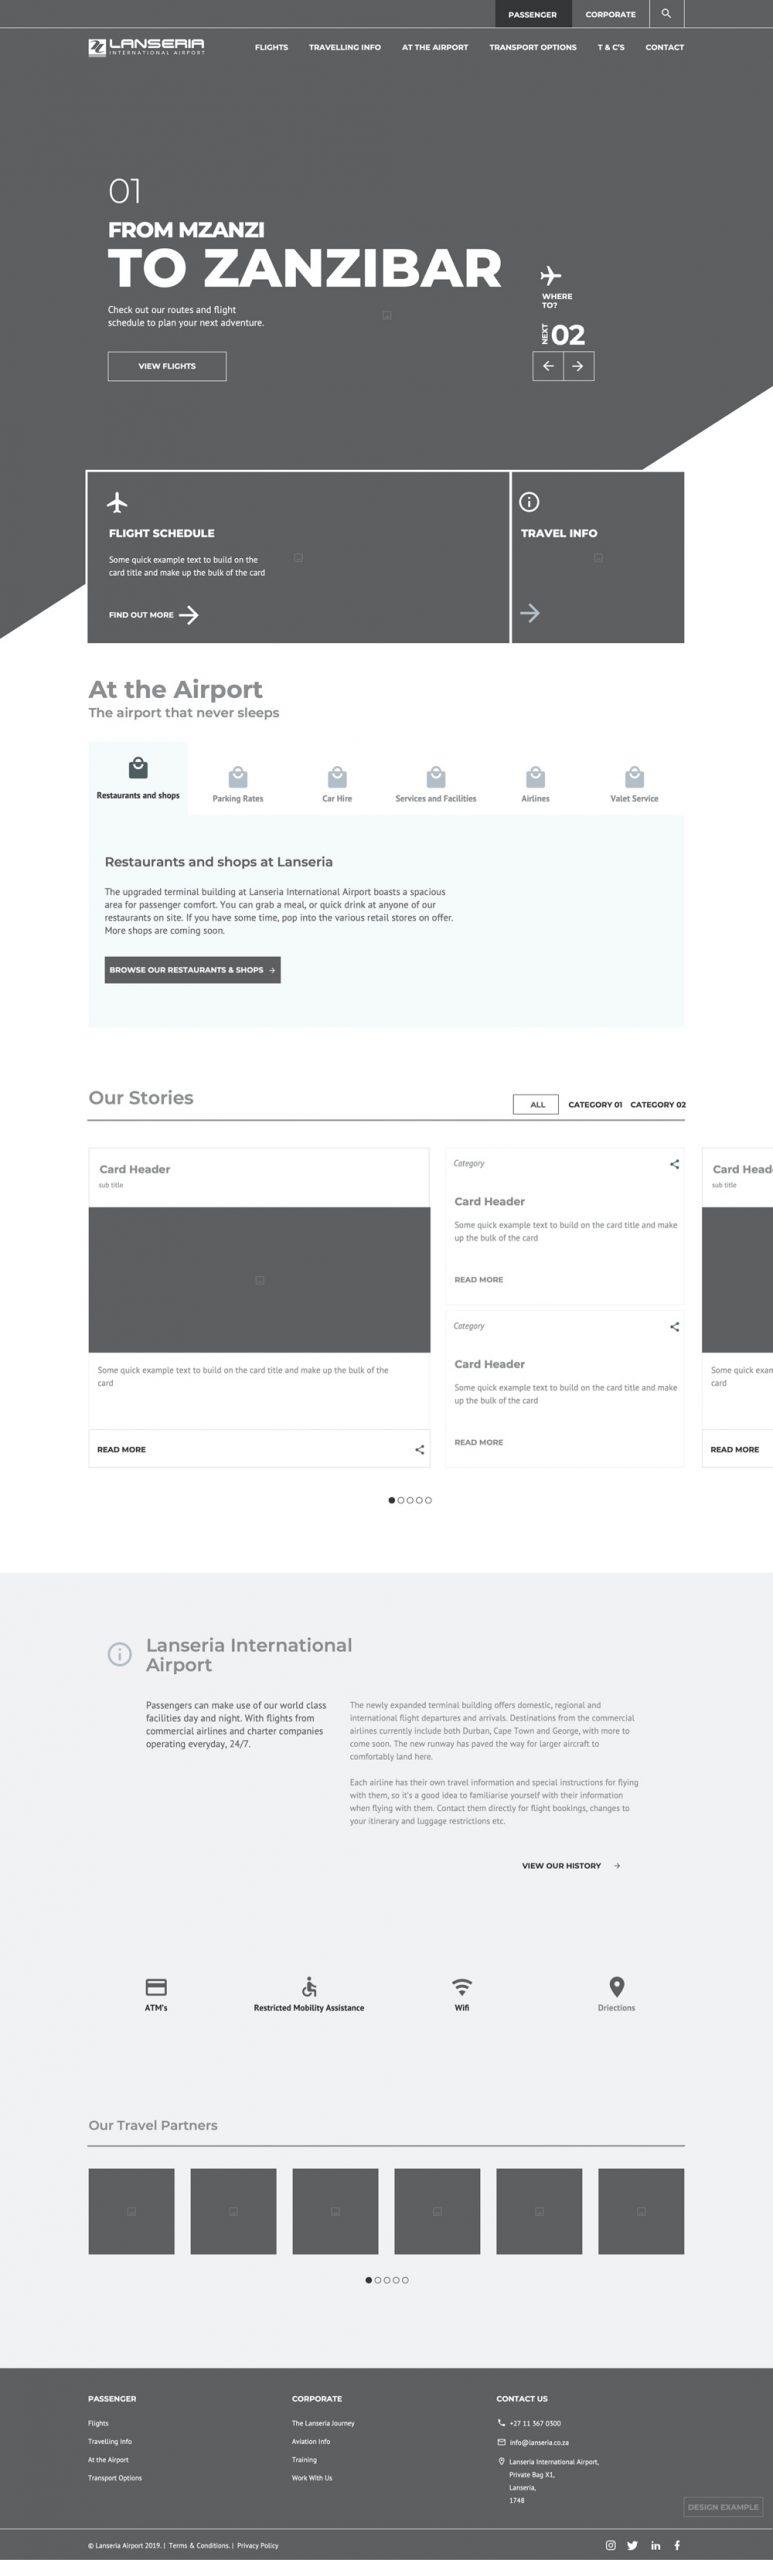 Lanseria_Website_Wireframes_Passenger